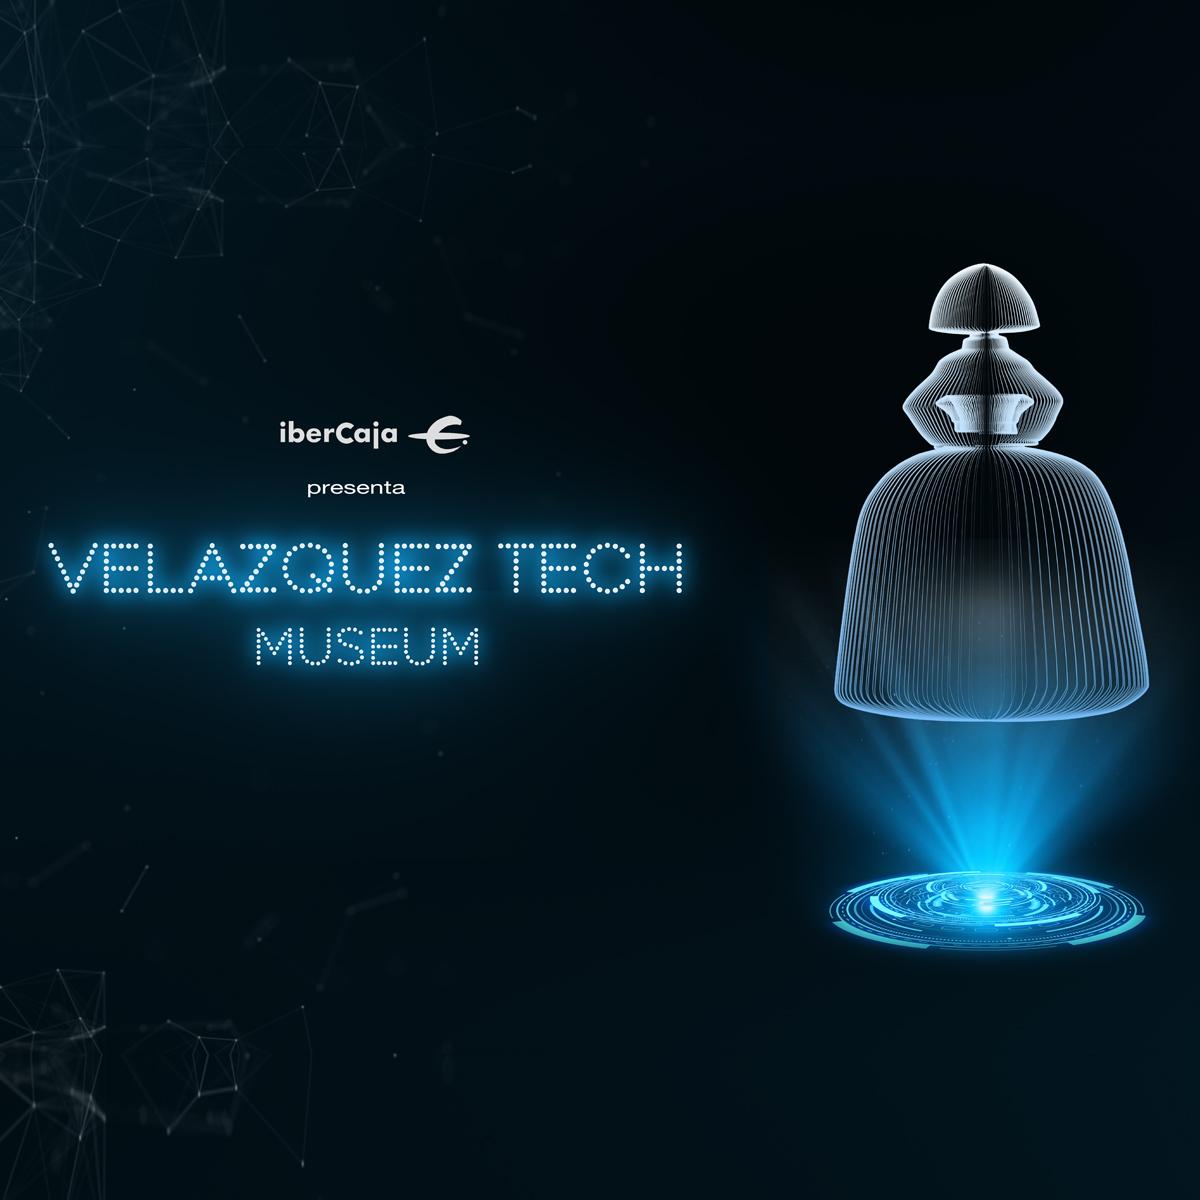 Entradas Exposición Velazquez Tech | Taquilla.com